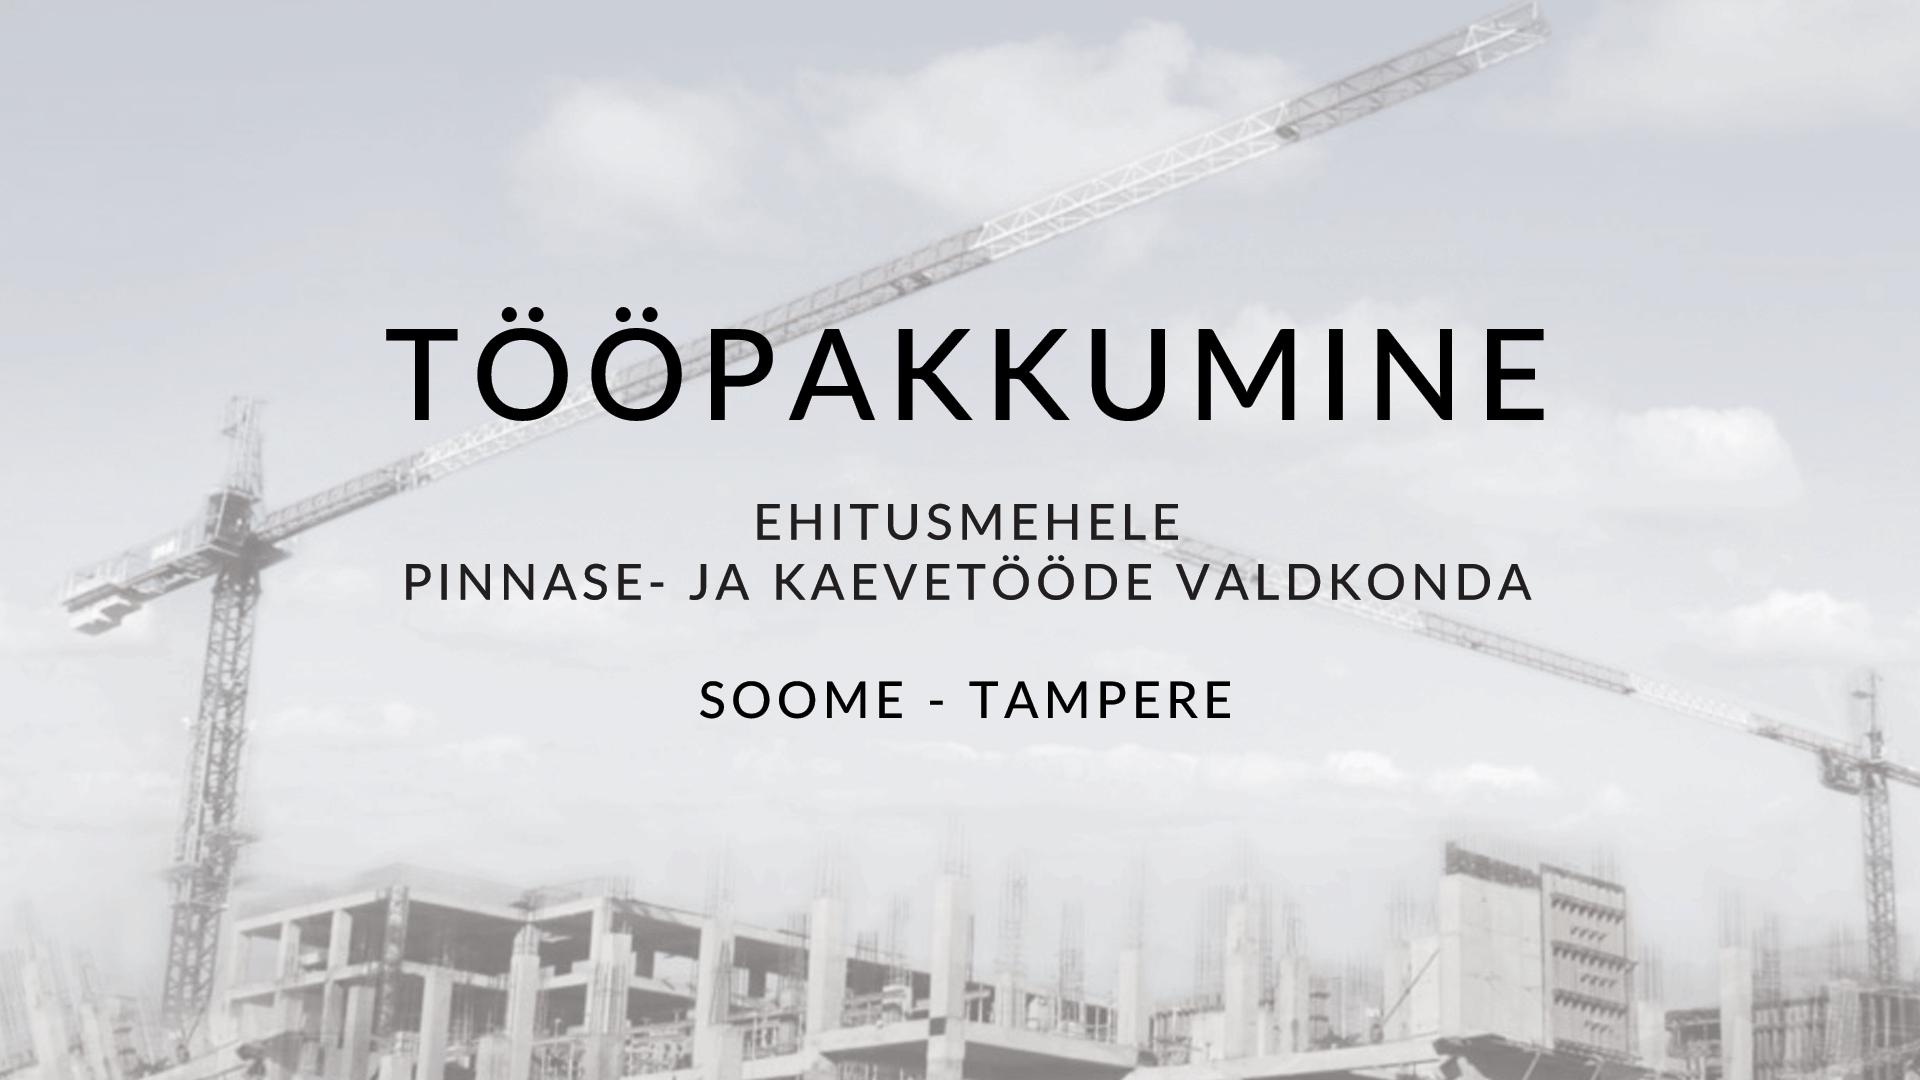 Otsime pädevat ehitusmeest pinnase- ja kaevetööde valdkonda teede- ja taristuehitusobjektidele – Tamperes